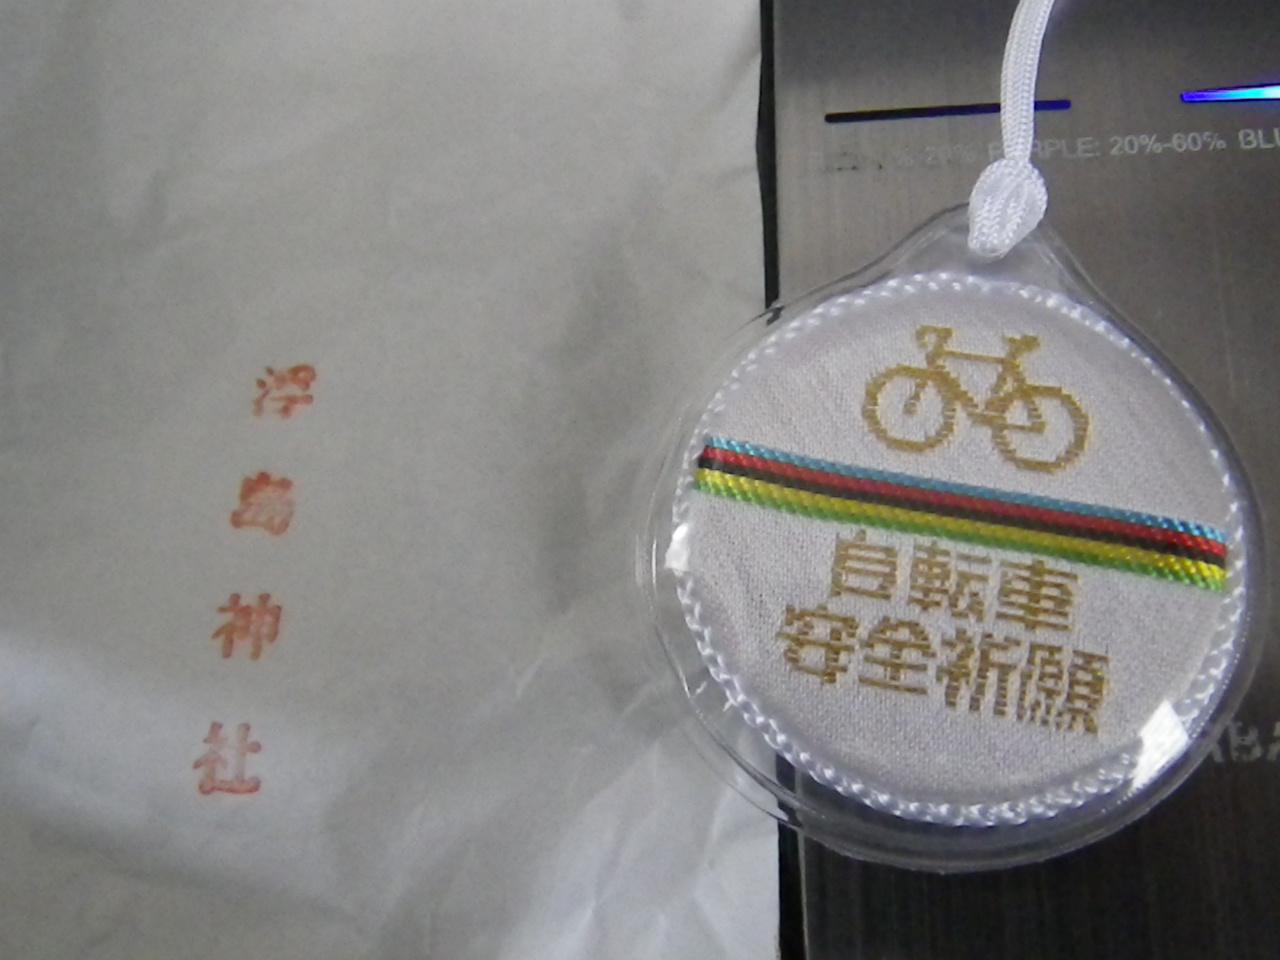 自転車の 自転車 ライト usb給電 : ranobe.com: 浮島神社の自転車安全 ...